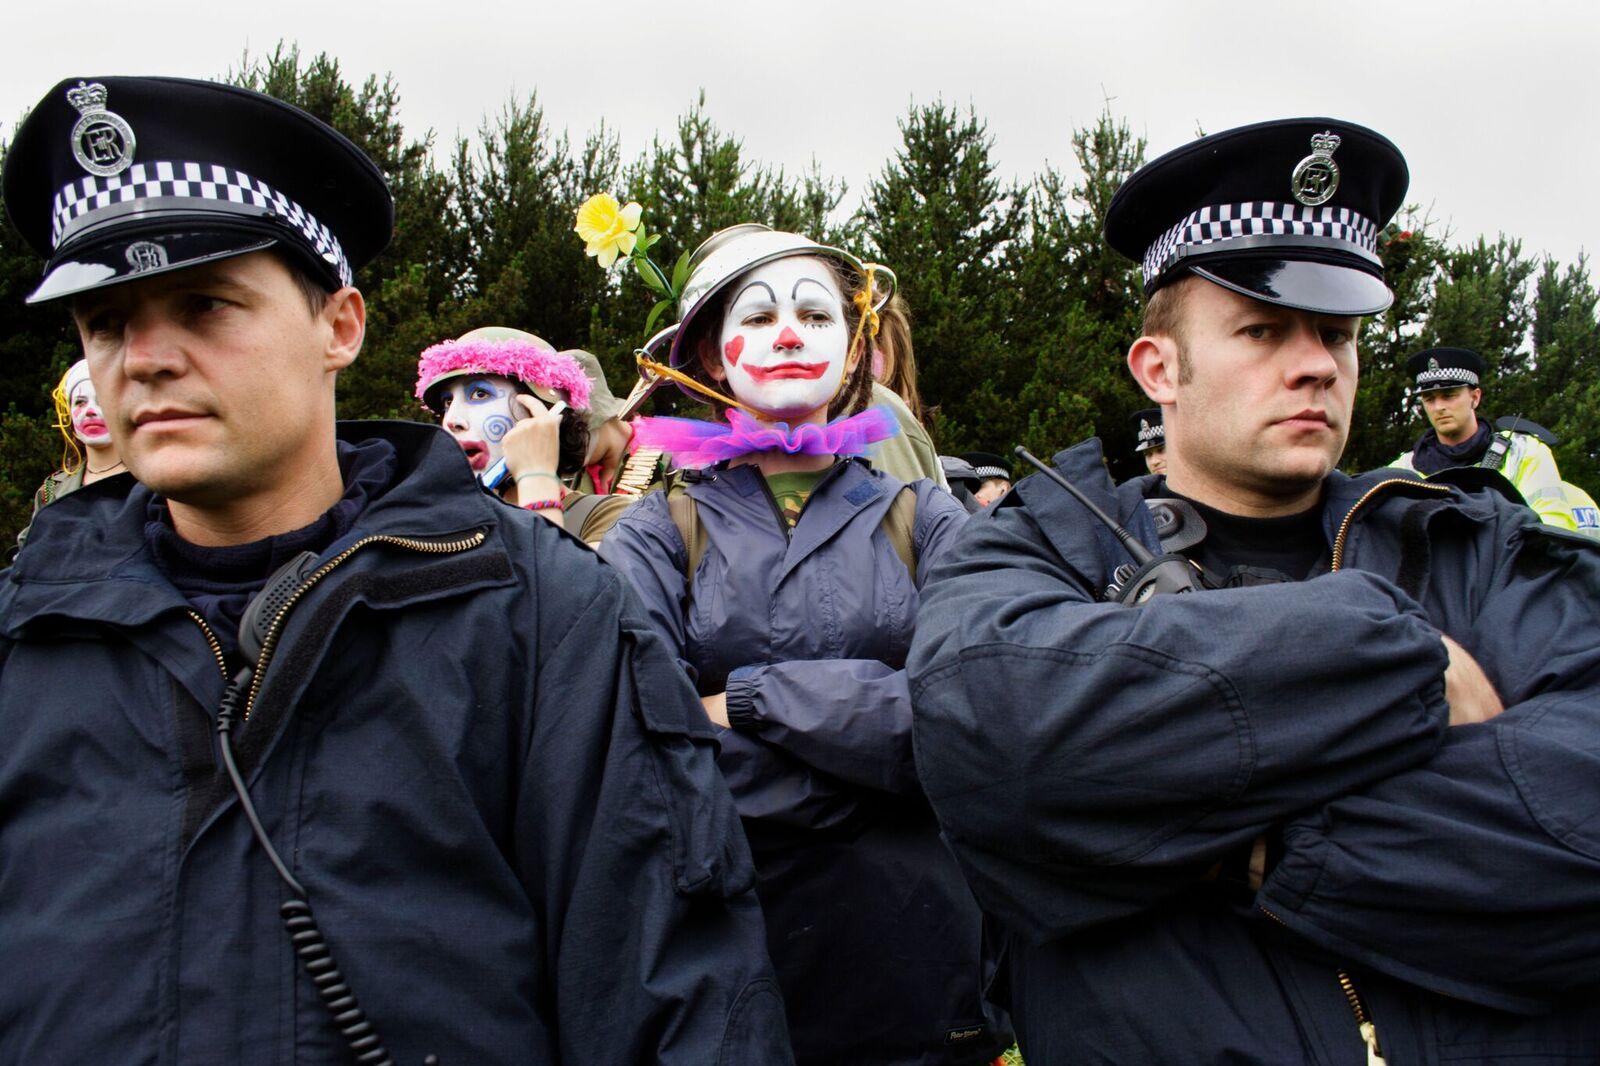 The Clandestine Insurgent Rebel Clown Army, eli CIRCA tunnetaan myös nimellä Clown Army. Tässä klovnit osallistuvat G8-kokouksen yhteydessä käytävään keskusteluun Kuva: Ian Teh